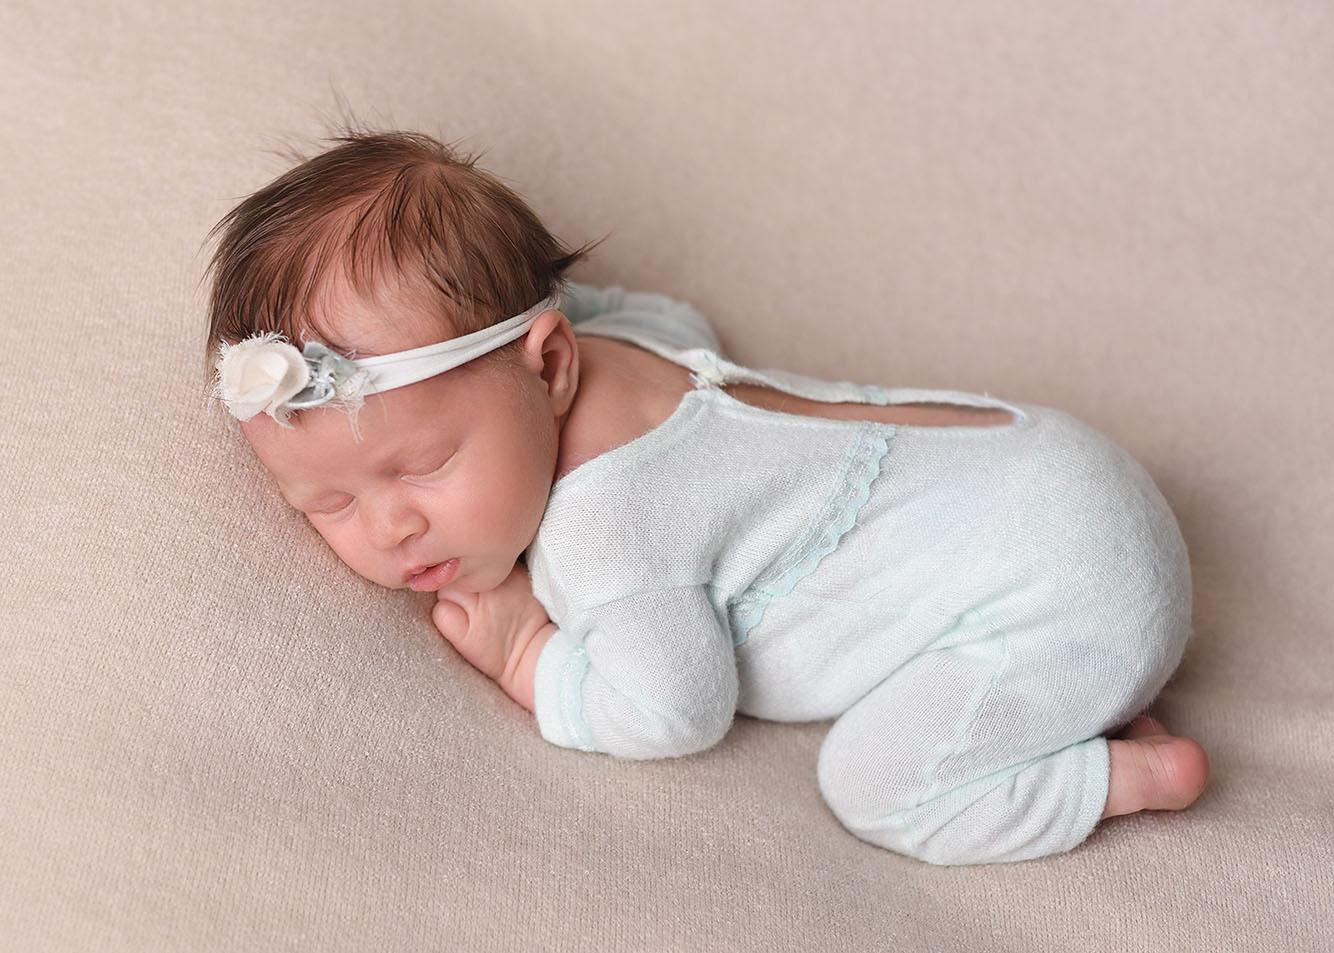 Pozycjonowanie noworodków